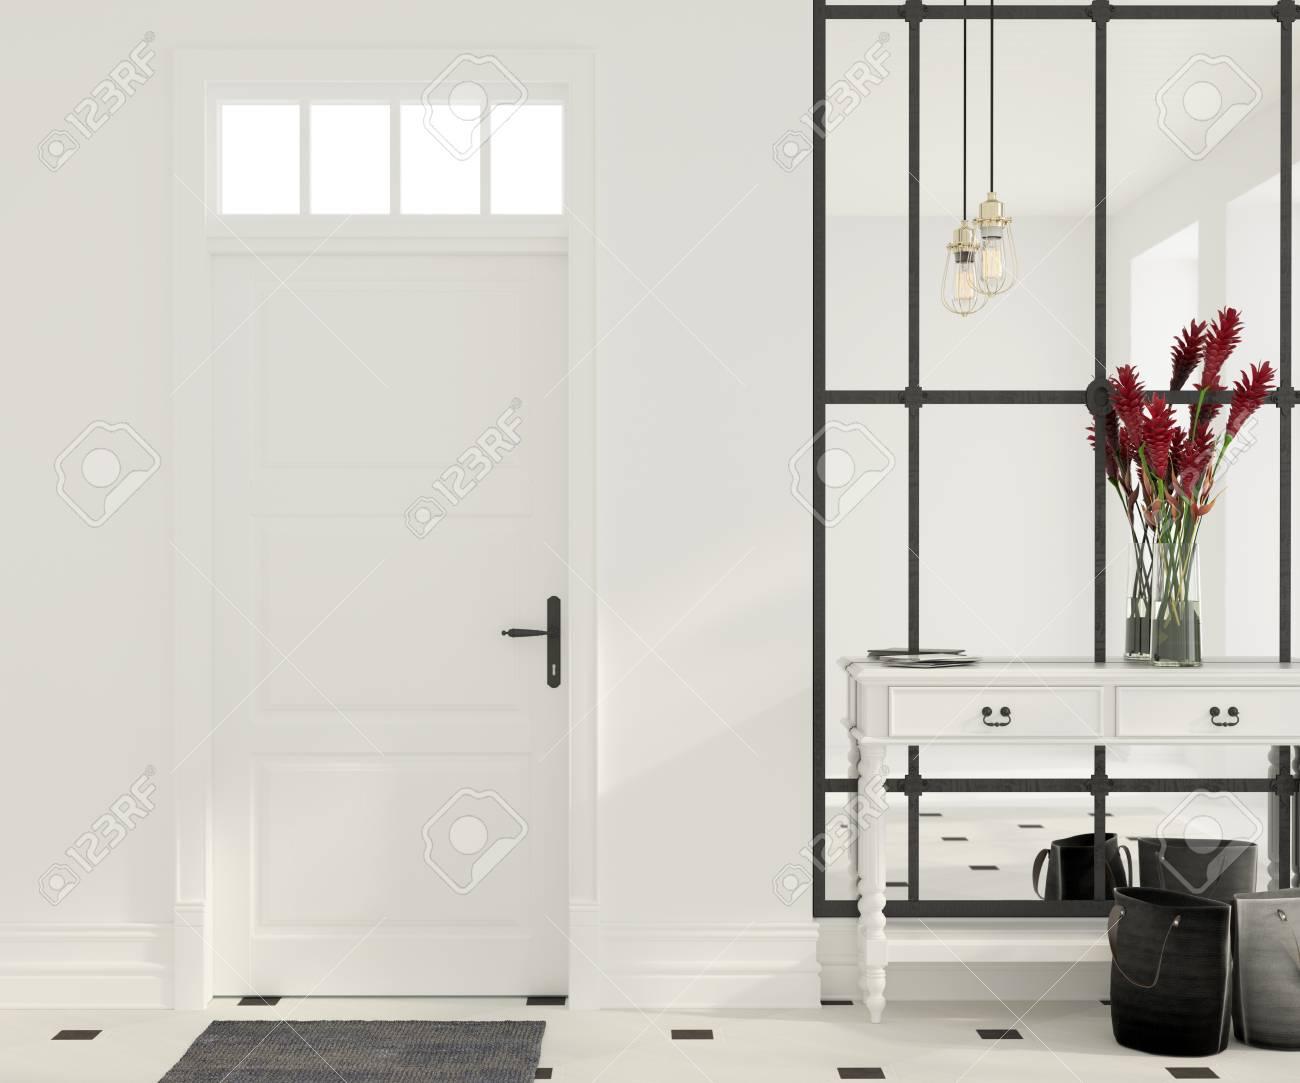 Grand Miroir D Entrée illustration 3d. intérieur de hall d'entrée blanc avec un grand miroir,  mobilier vintage et pendentif en or